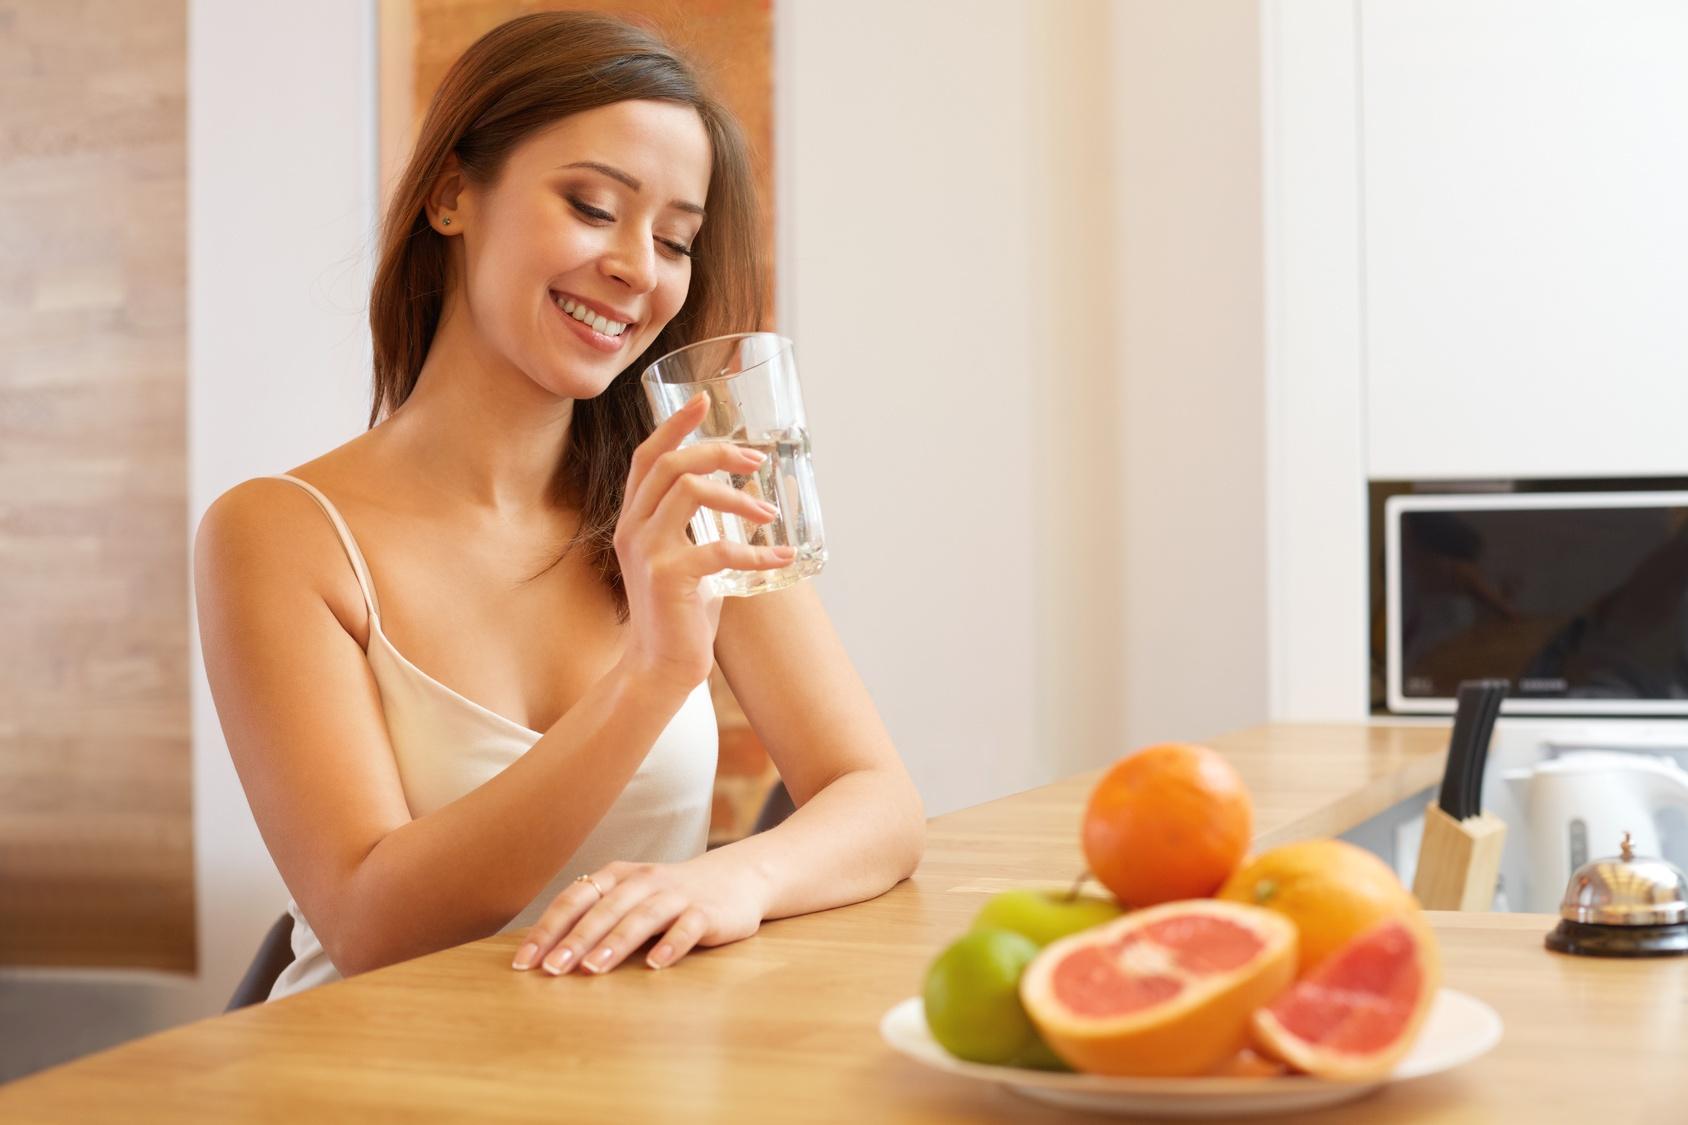 Вода — секрет быстрого похудения (1 фото)